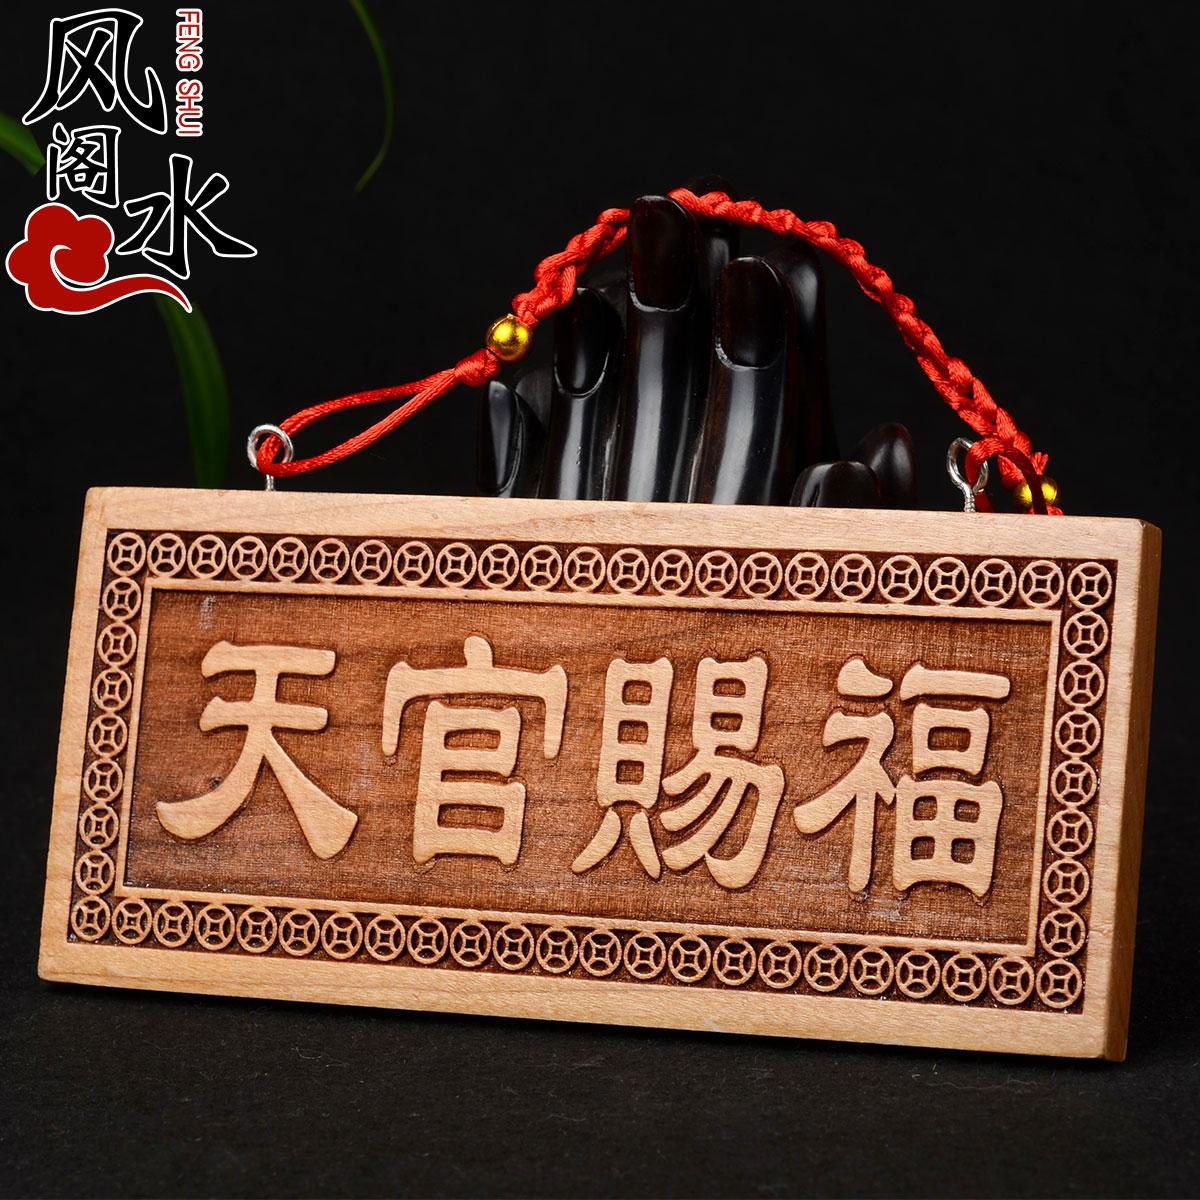 Фэн-шуй павильон красное дерево день офицер подарок благословение карты резьба по дереву украшение ворота кулон красное дерево восемь грамм зеркало желаемый ворота марка вода украшение